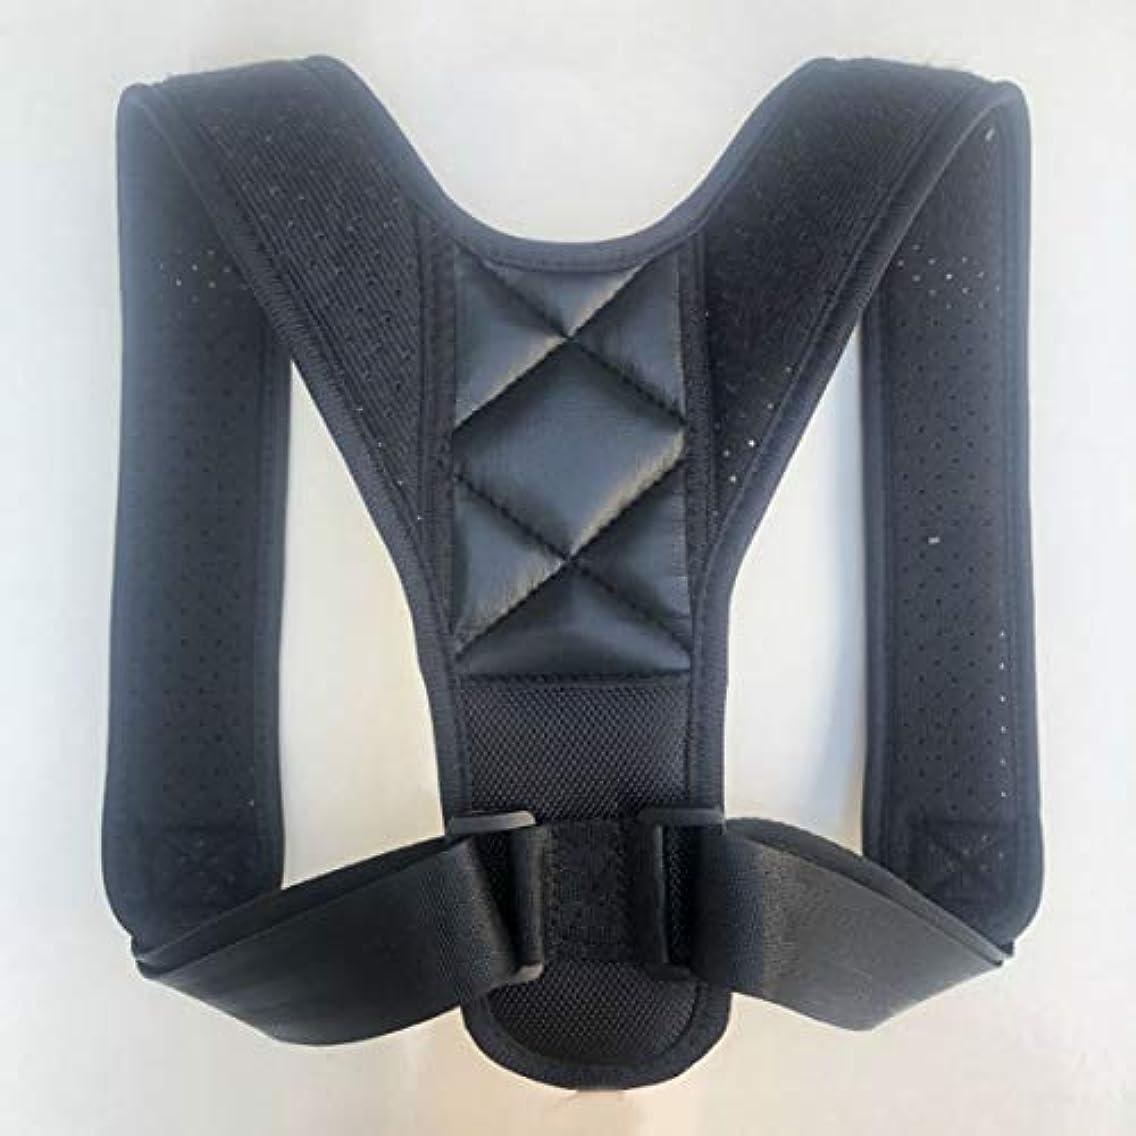 準備する小川書き込みアッパーバックポスチャーコレクター姿勢鎖骨サポートコレクターバックストレートショルダーブレースストラップコレクター - ブラック